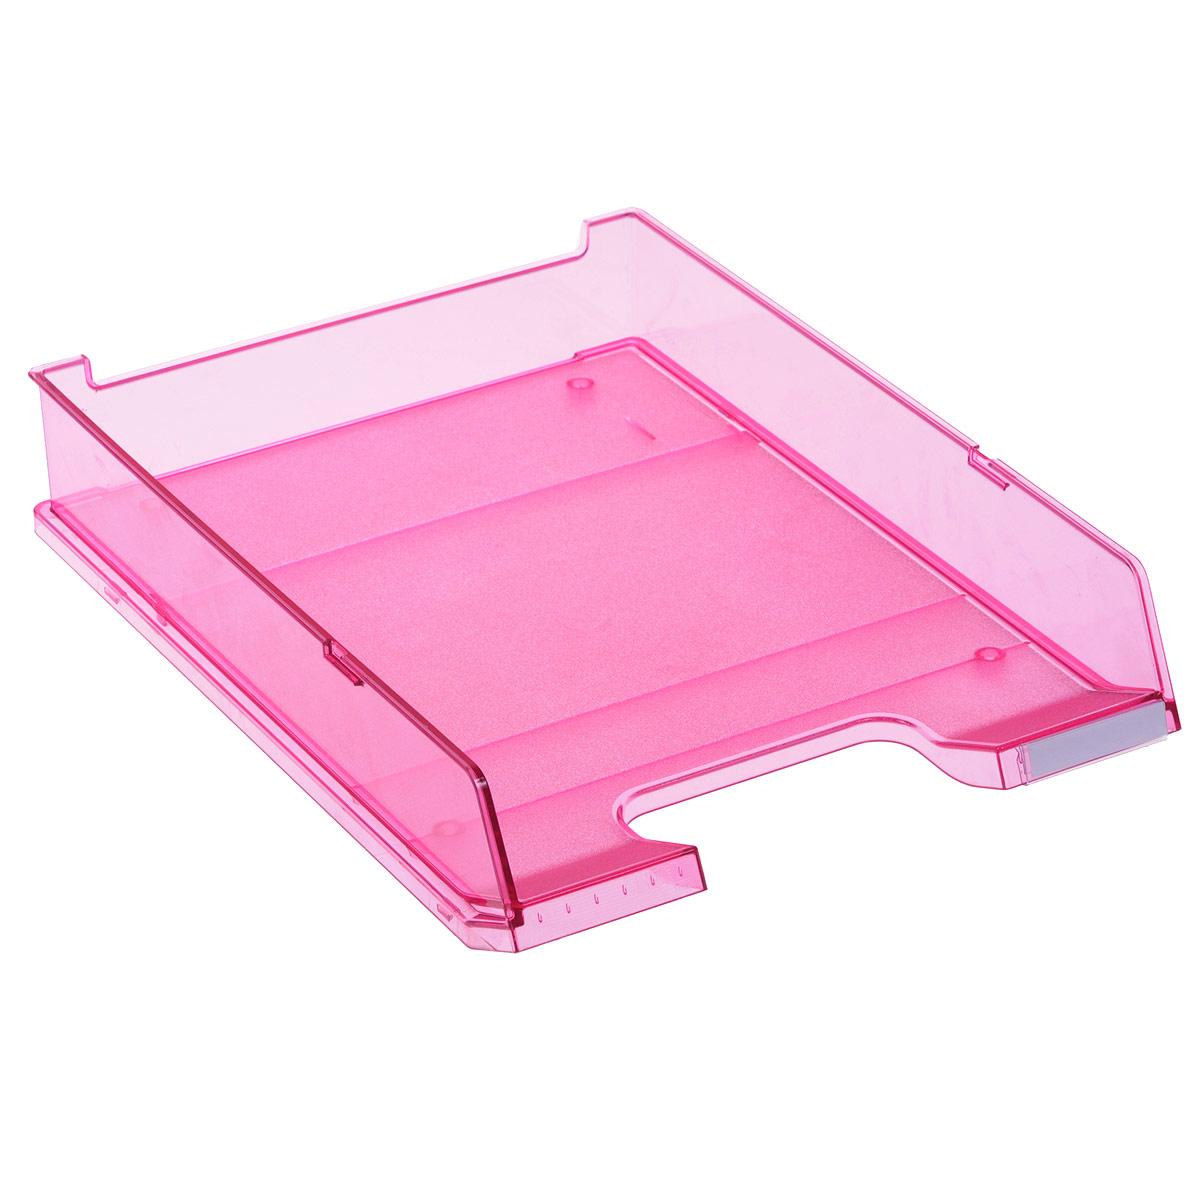 Лоток для бумаг горизонтальный HAN C4, прозрачный, цвет: малиновый10480Горизонтальный лоток для бумаг HAN C4 предназначен для хранения бумаг и документов формата А4. Лоток с оригинальным дизайном корпуса поможет вам навести порядок на столе и сэкономить пространство.Лоток изготовлен из экологически чистого прозрачного антистатического пластика. Приподнятая фронтальная часть лотка облегчает изъятие документов из накопителя. Лоток имеет пластиковые ножки, предотвращающие скольжение по столу. Также лоток оснащен небольшим прозрачным окошком для этикетки. Лоток для бумаг станет незаменимым помощником для работы с бумагами дома или в офисе, а его стильный дизайн впишется в любой интерьер. Благодаря лотку для бумаг, важные бумаги и документы всегда будут под рукой.Несколько лотков можно ставить друг на друга, один в другой и друг на друга со смещением.